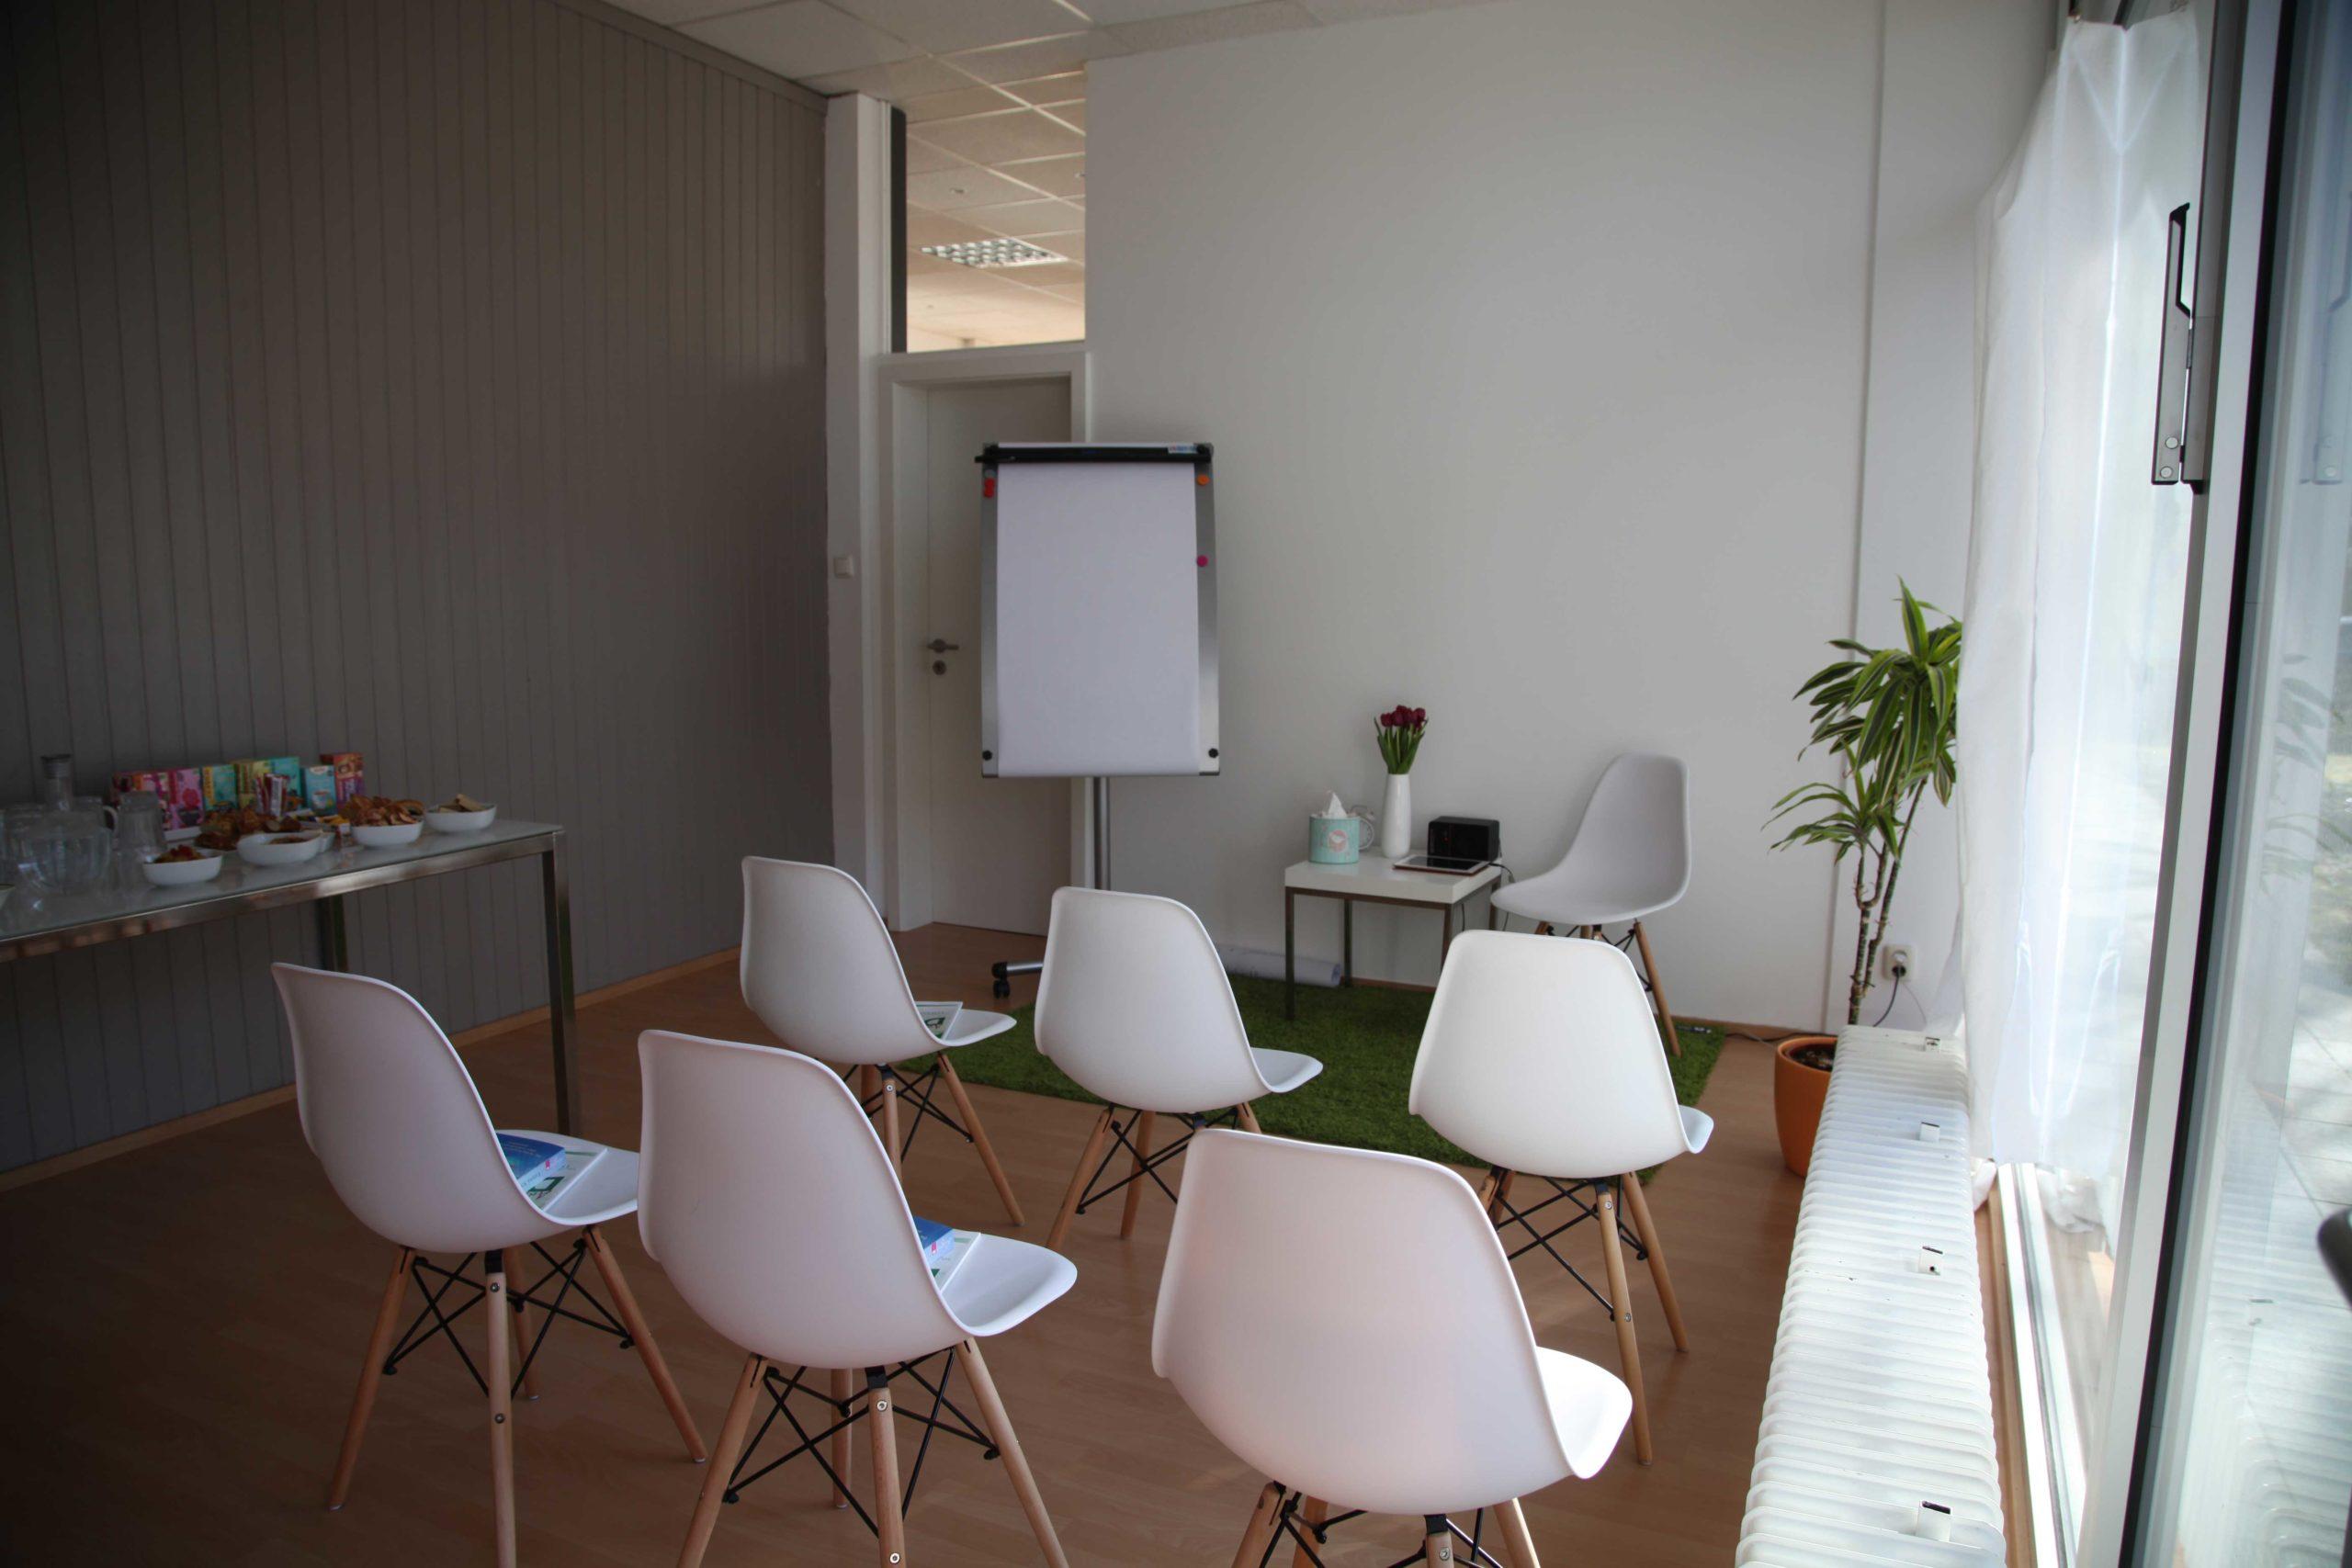 Seminarraum mit Stühlen